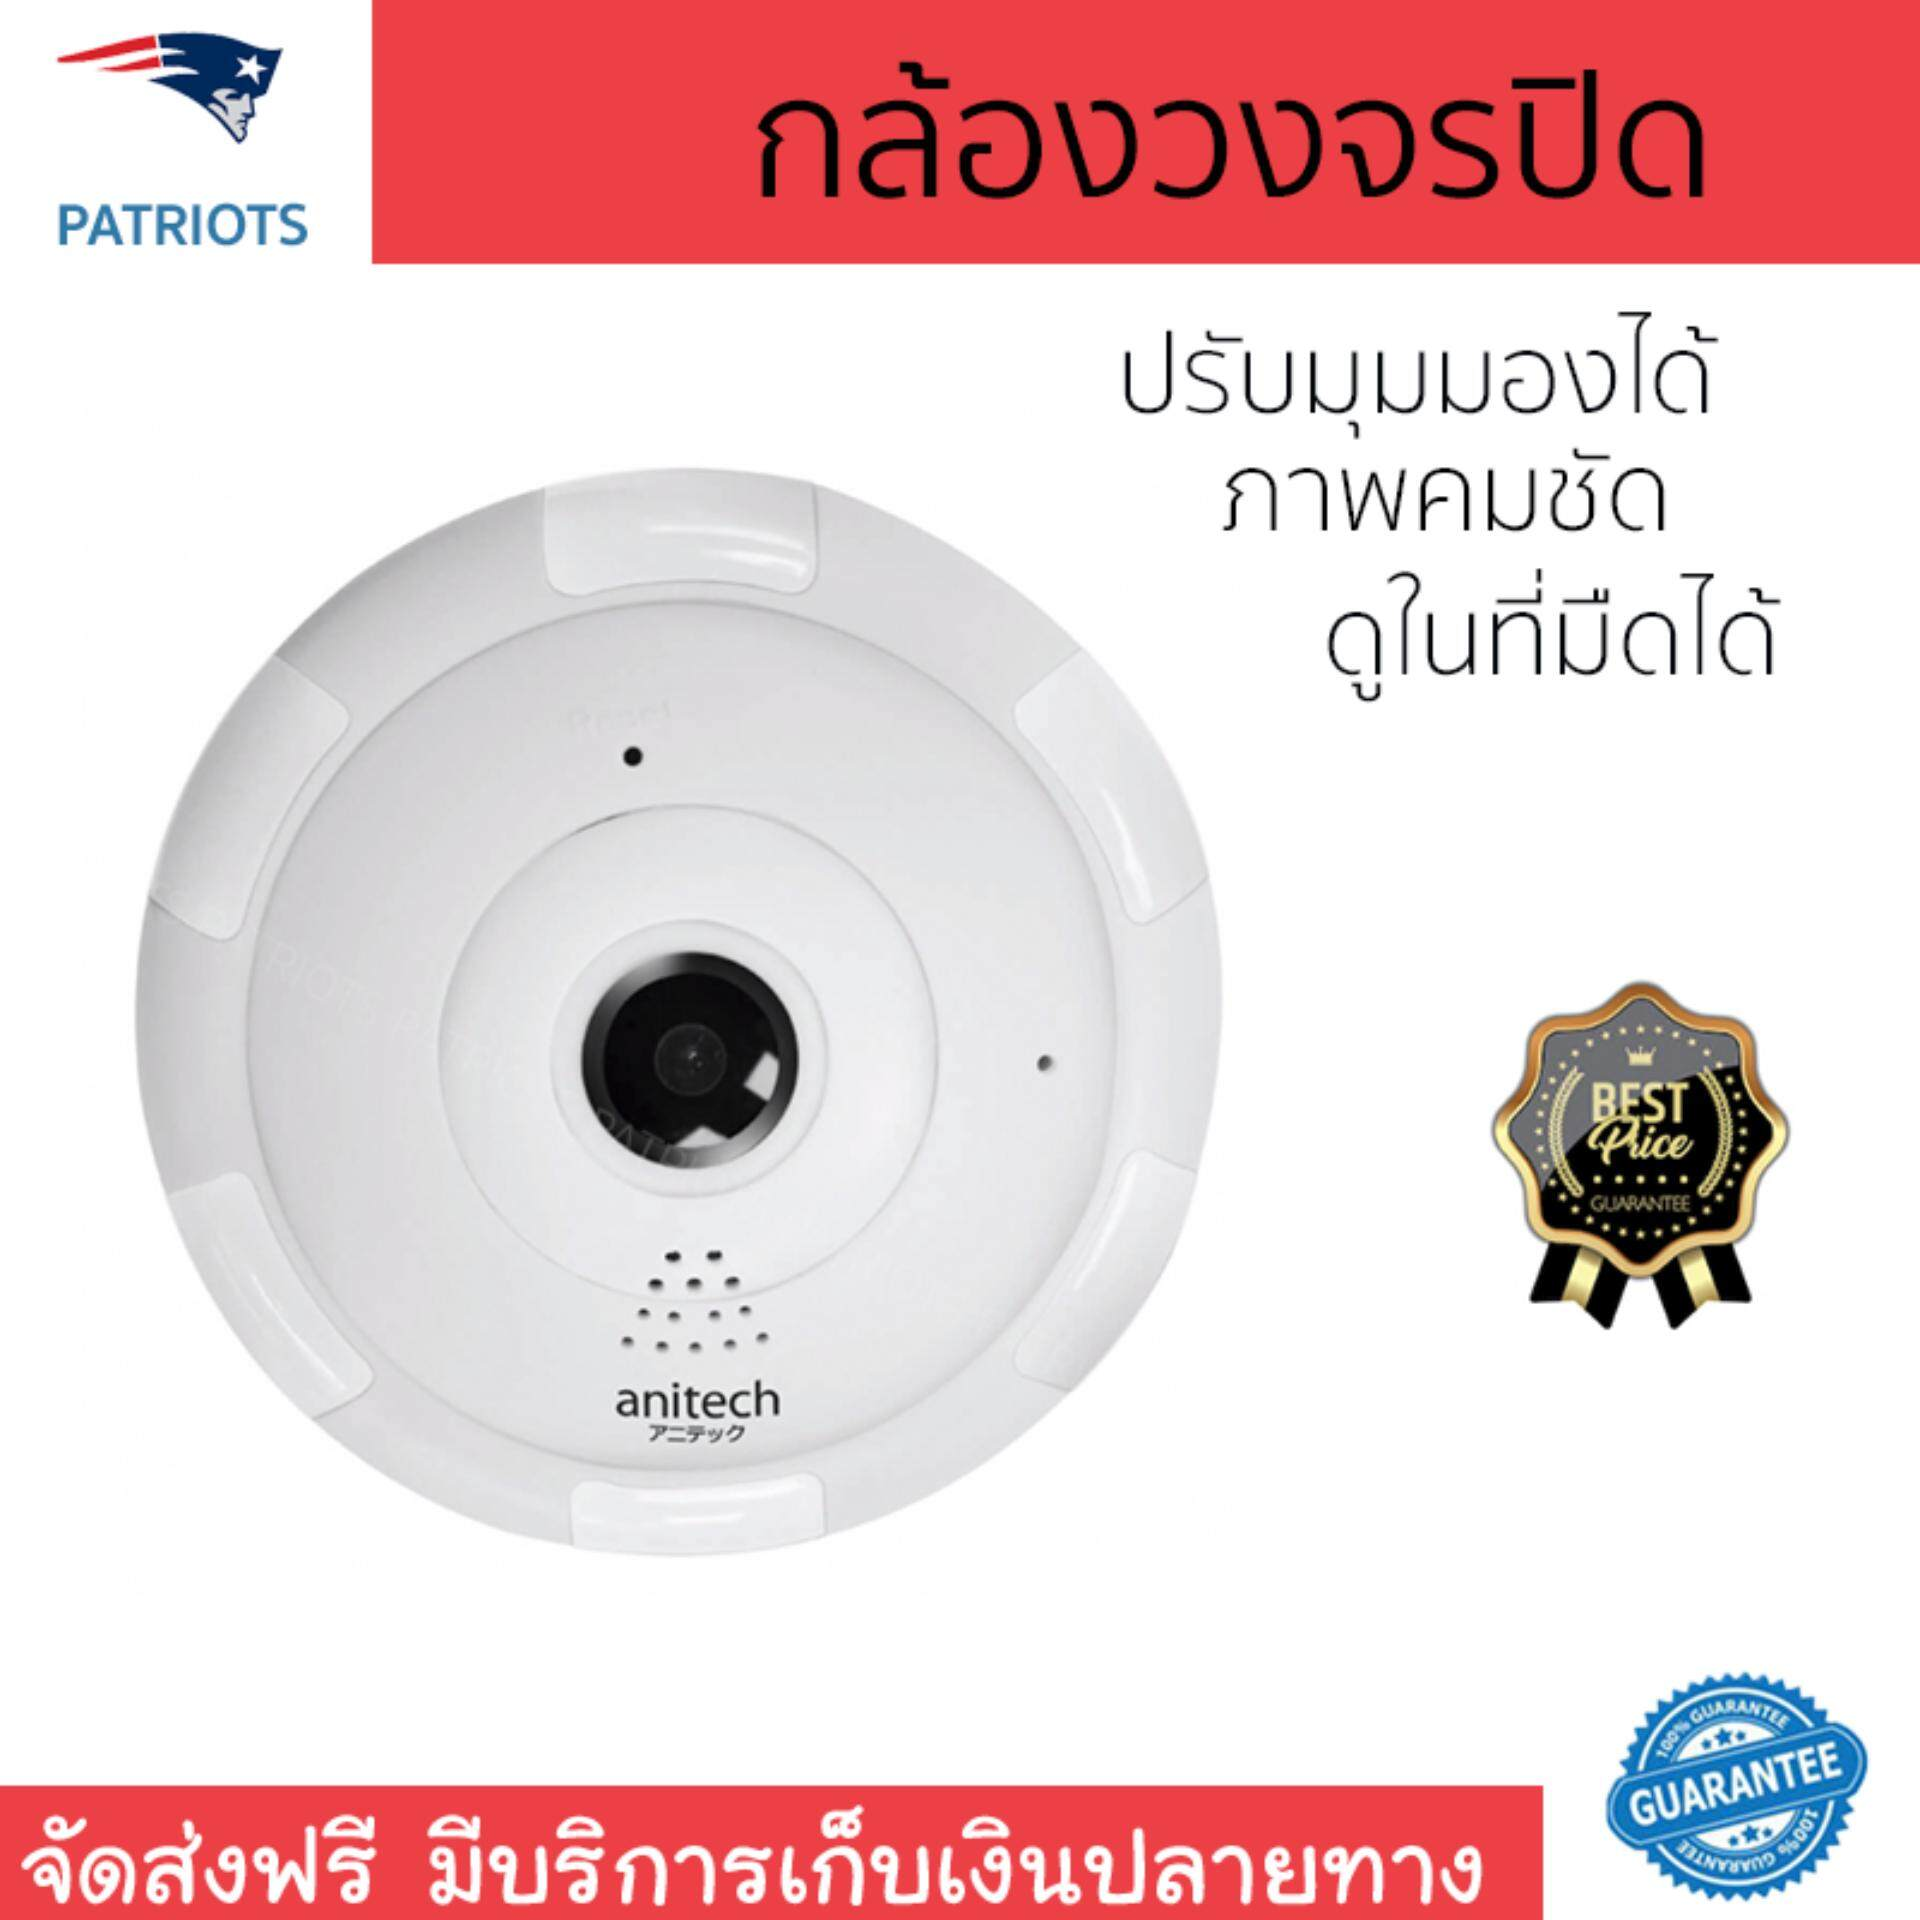 ลดสุดๆ โปรโมชัน กล้องวงจรปิด           ANITECH กล้องวงจรปิด (สีขาว) รุ่น IP103             ภาพคมชัด ปรับมุมมองได้ กล้อง IP Camera รับประกันสินค้า 1 ปี จัดส่งฟรี Kerry ทั่วประเทศ